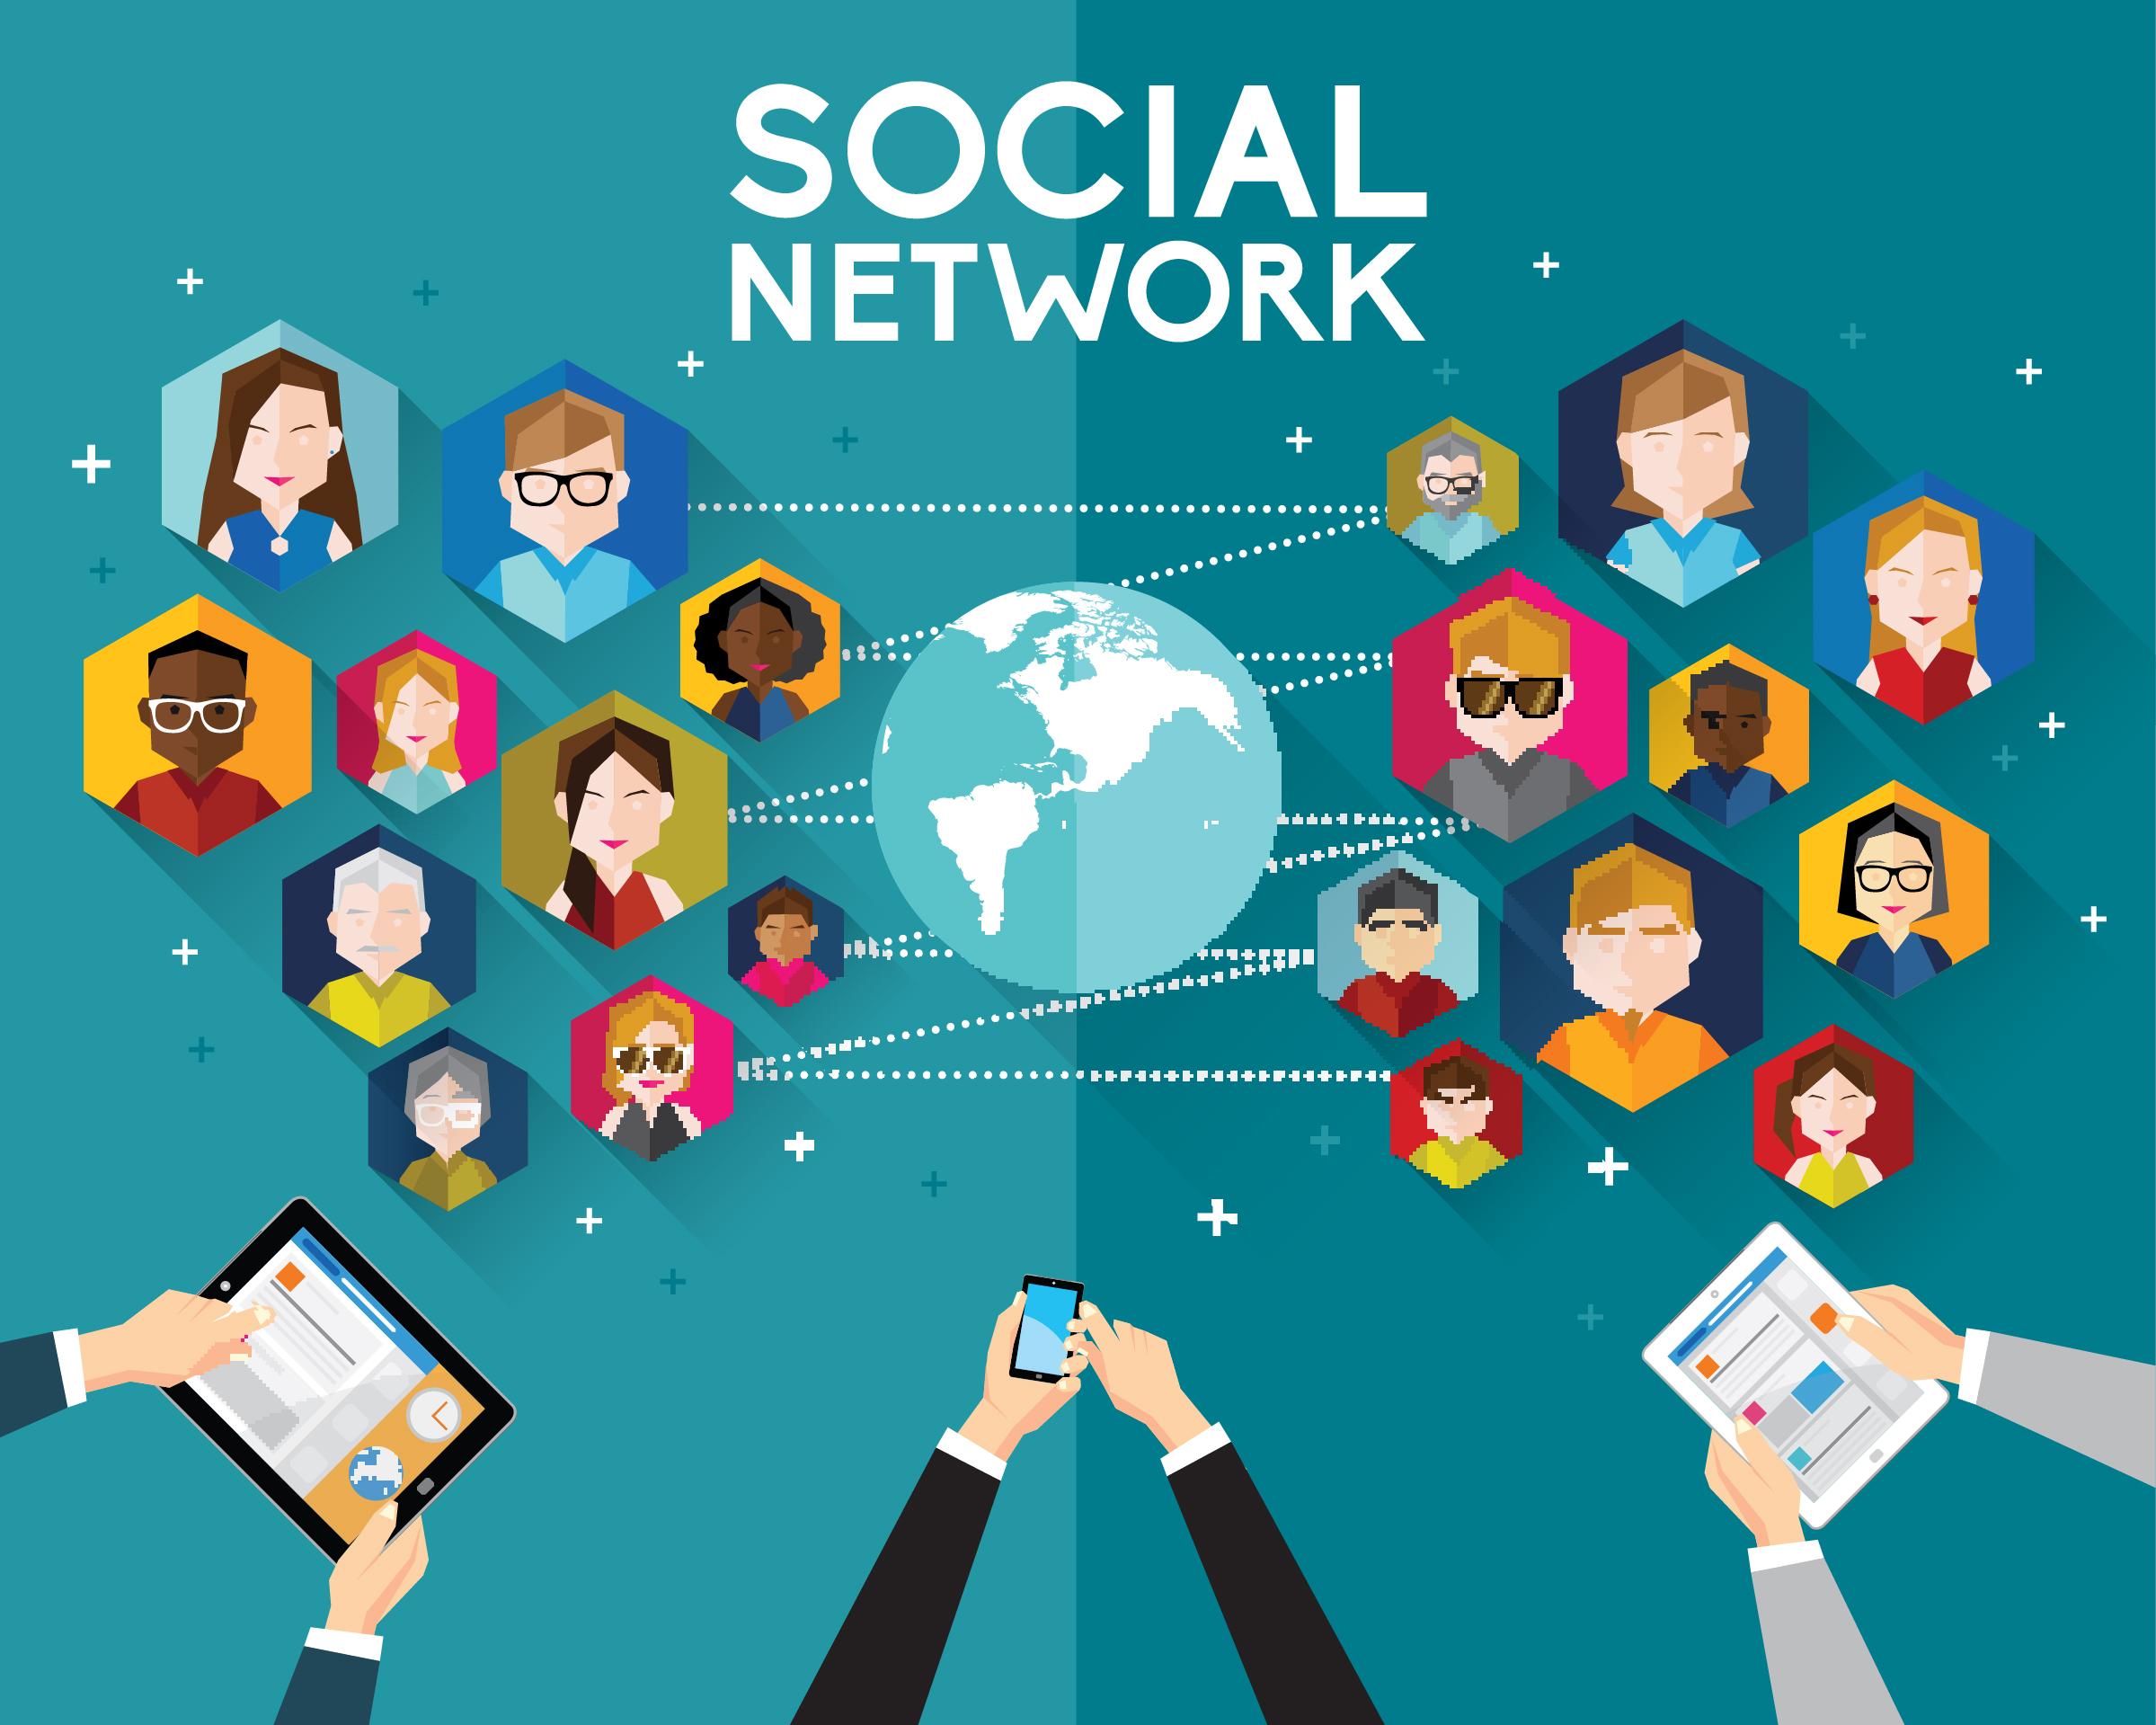 FashionTap - The Fashion Social Network 69